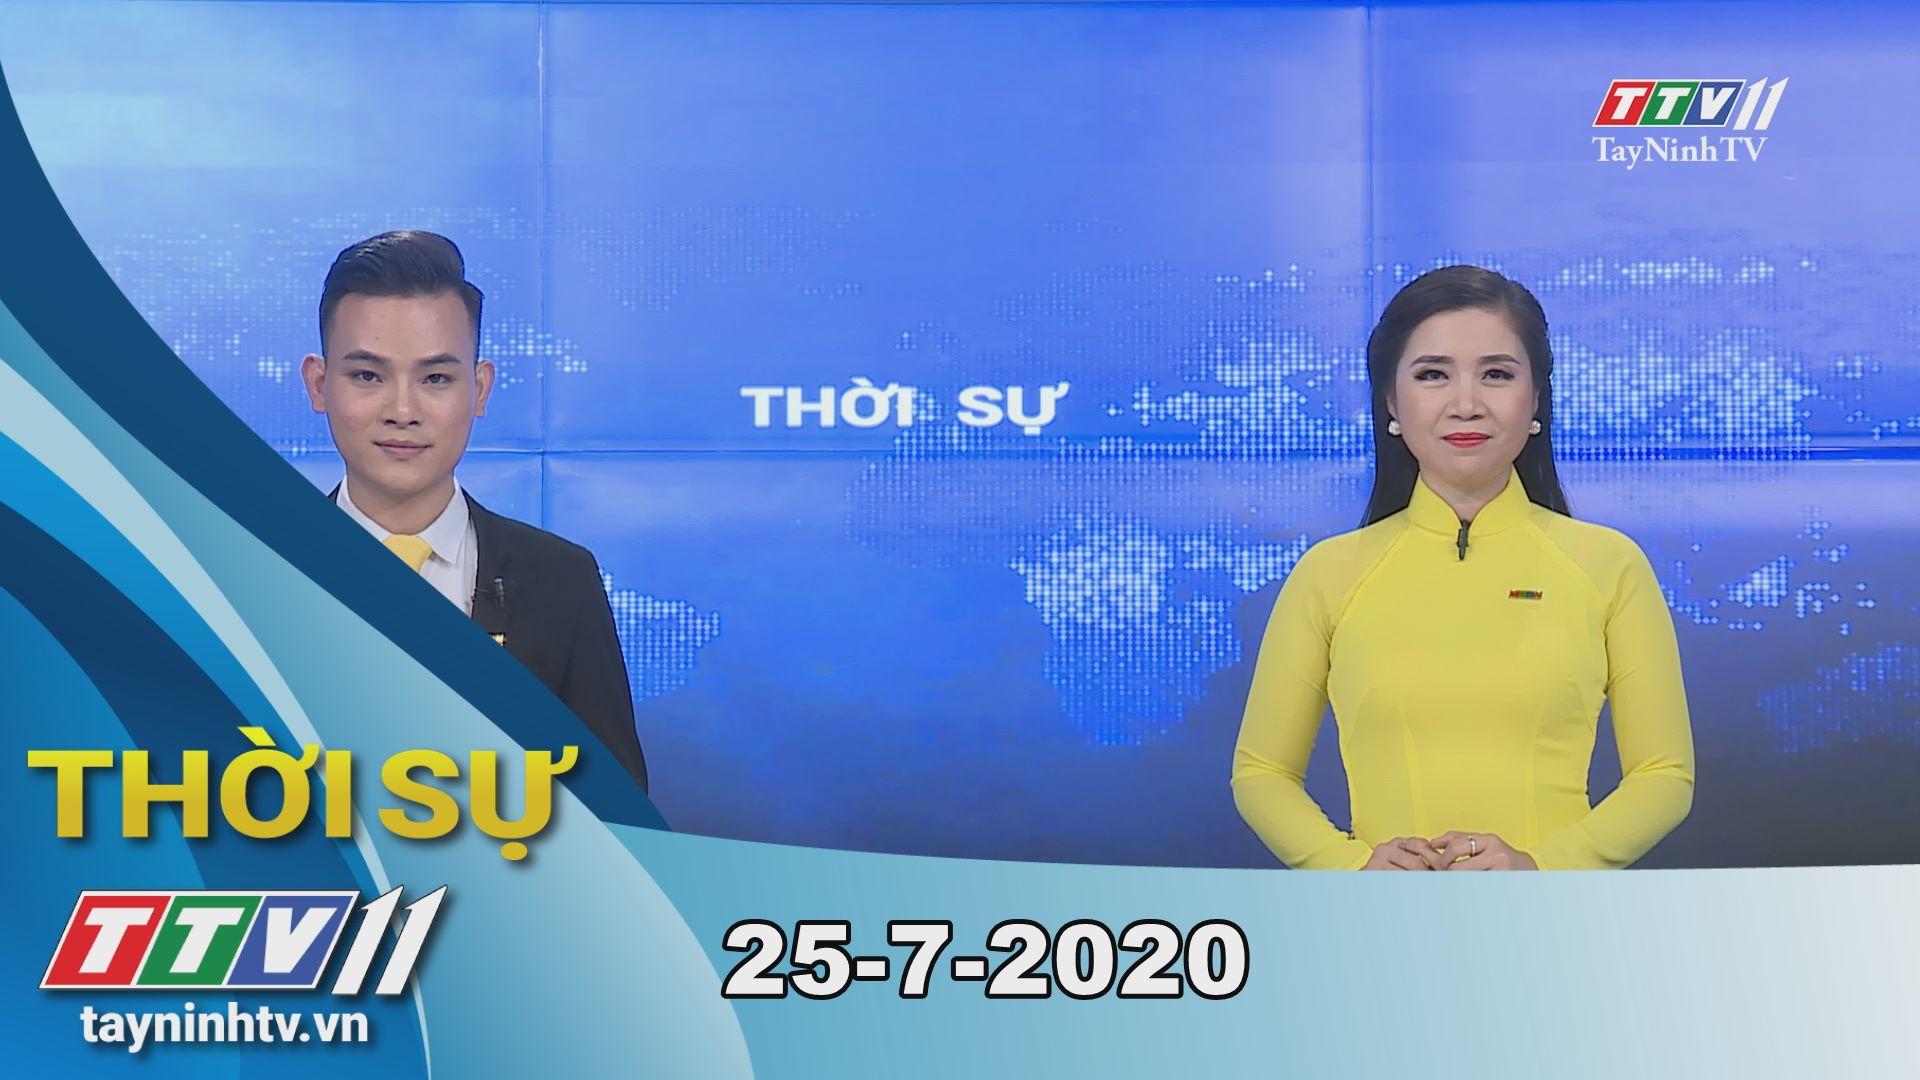 Thời sự Tây Ninh 25-7-2020 | Tin tức hôm nay | TayNinhTV